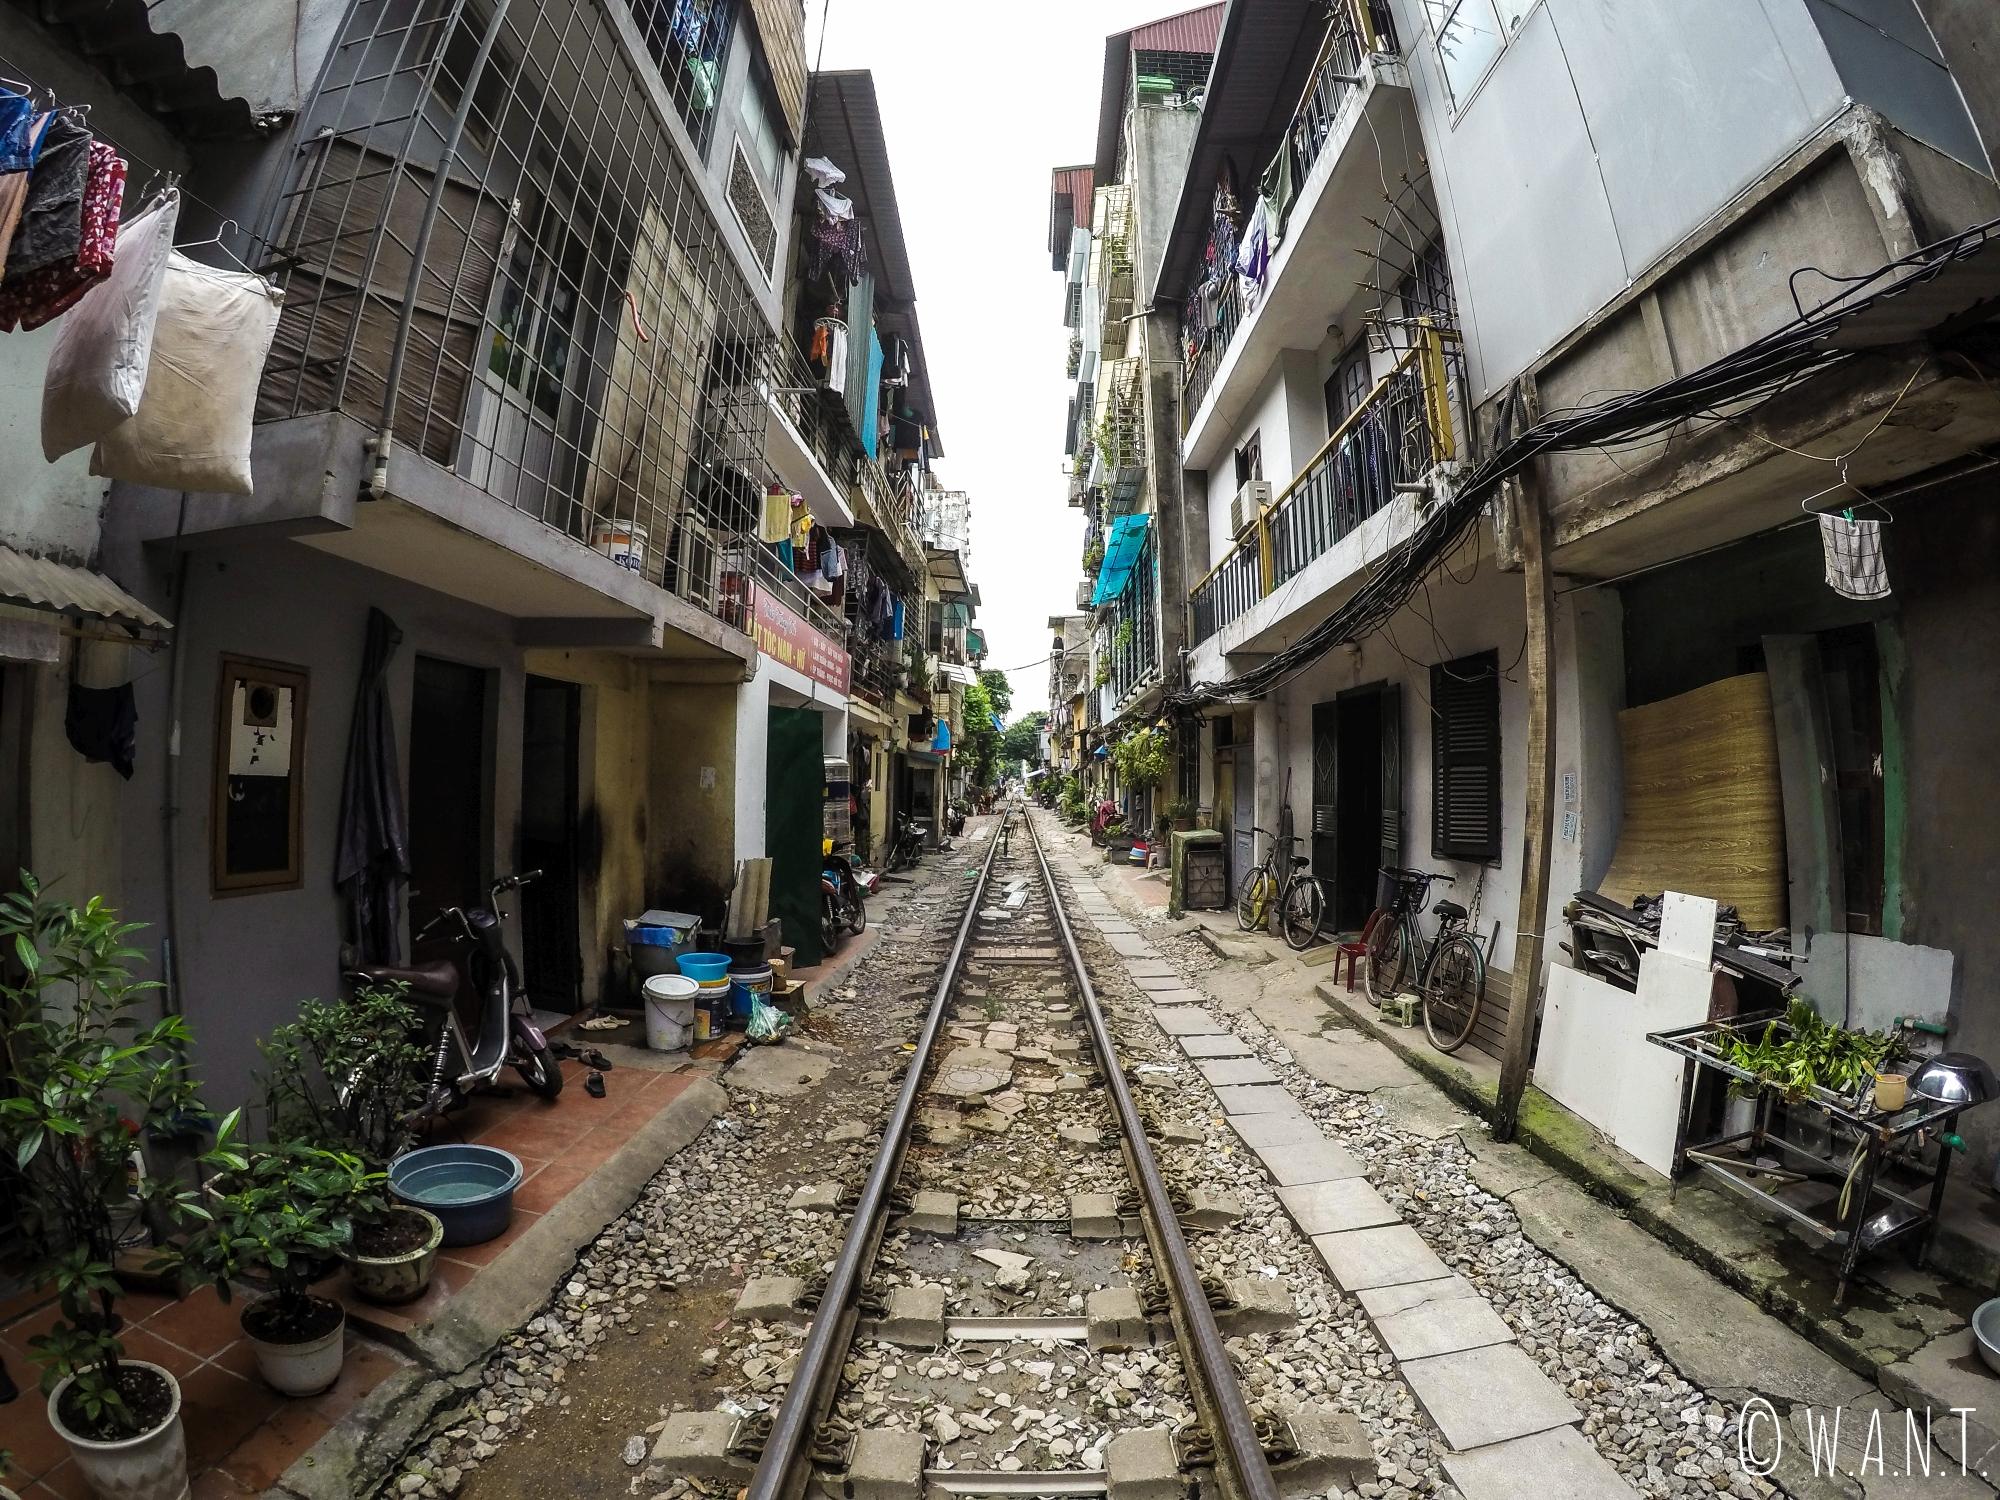 Le train passe entre les habitations à Hanoï